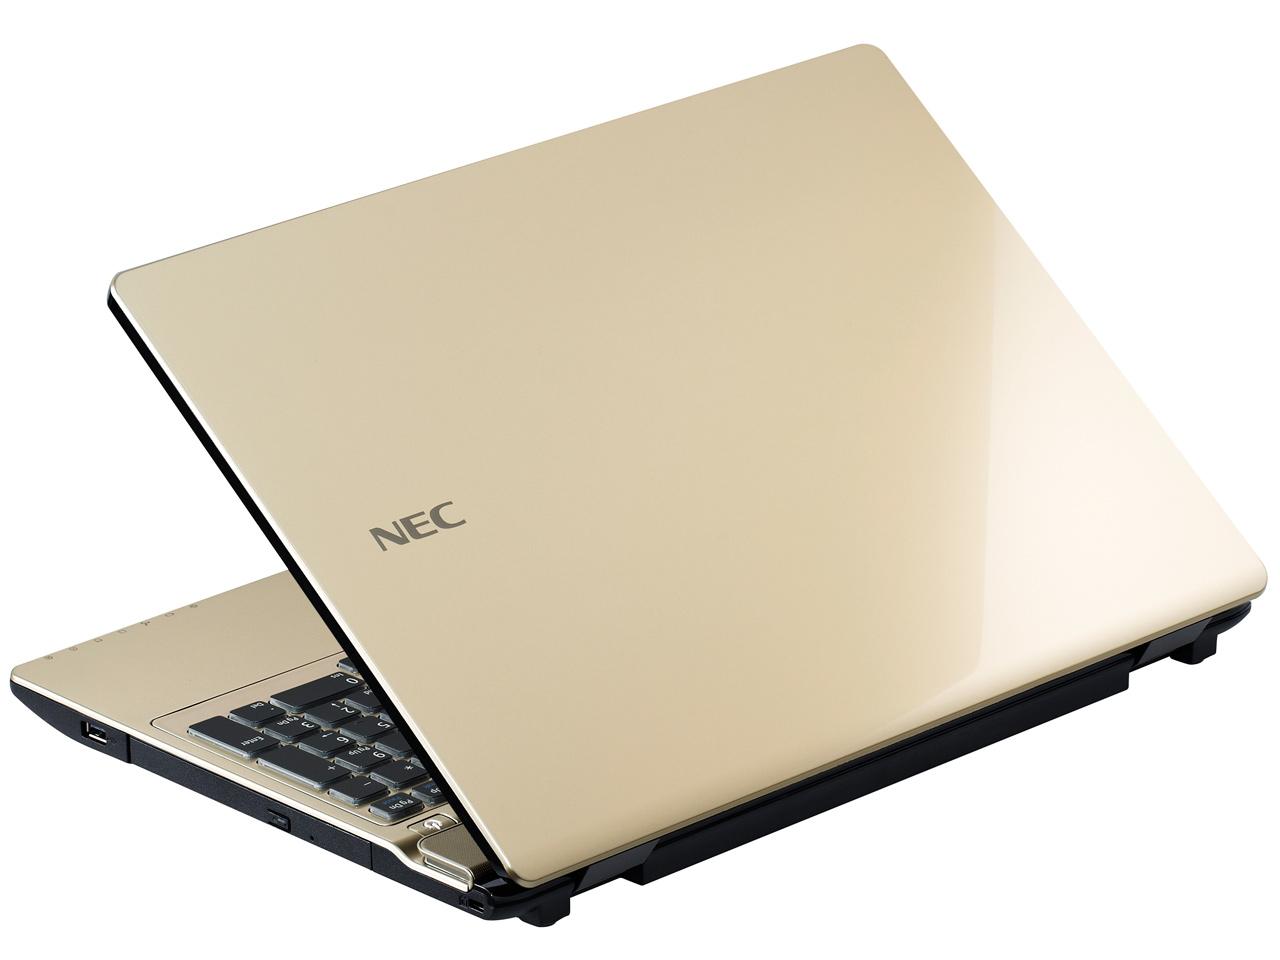 『本体 背面』 LaVie Note Standard NS750/AAG PC-NS750AAG [クリスタルゴールド] の製品画像